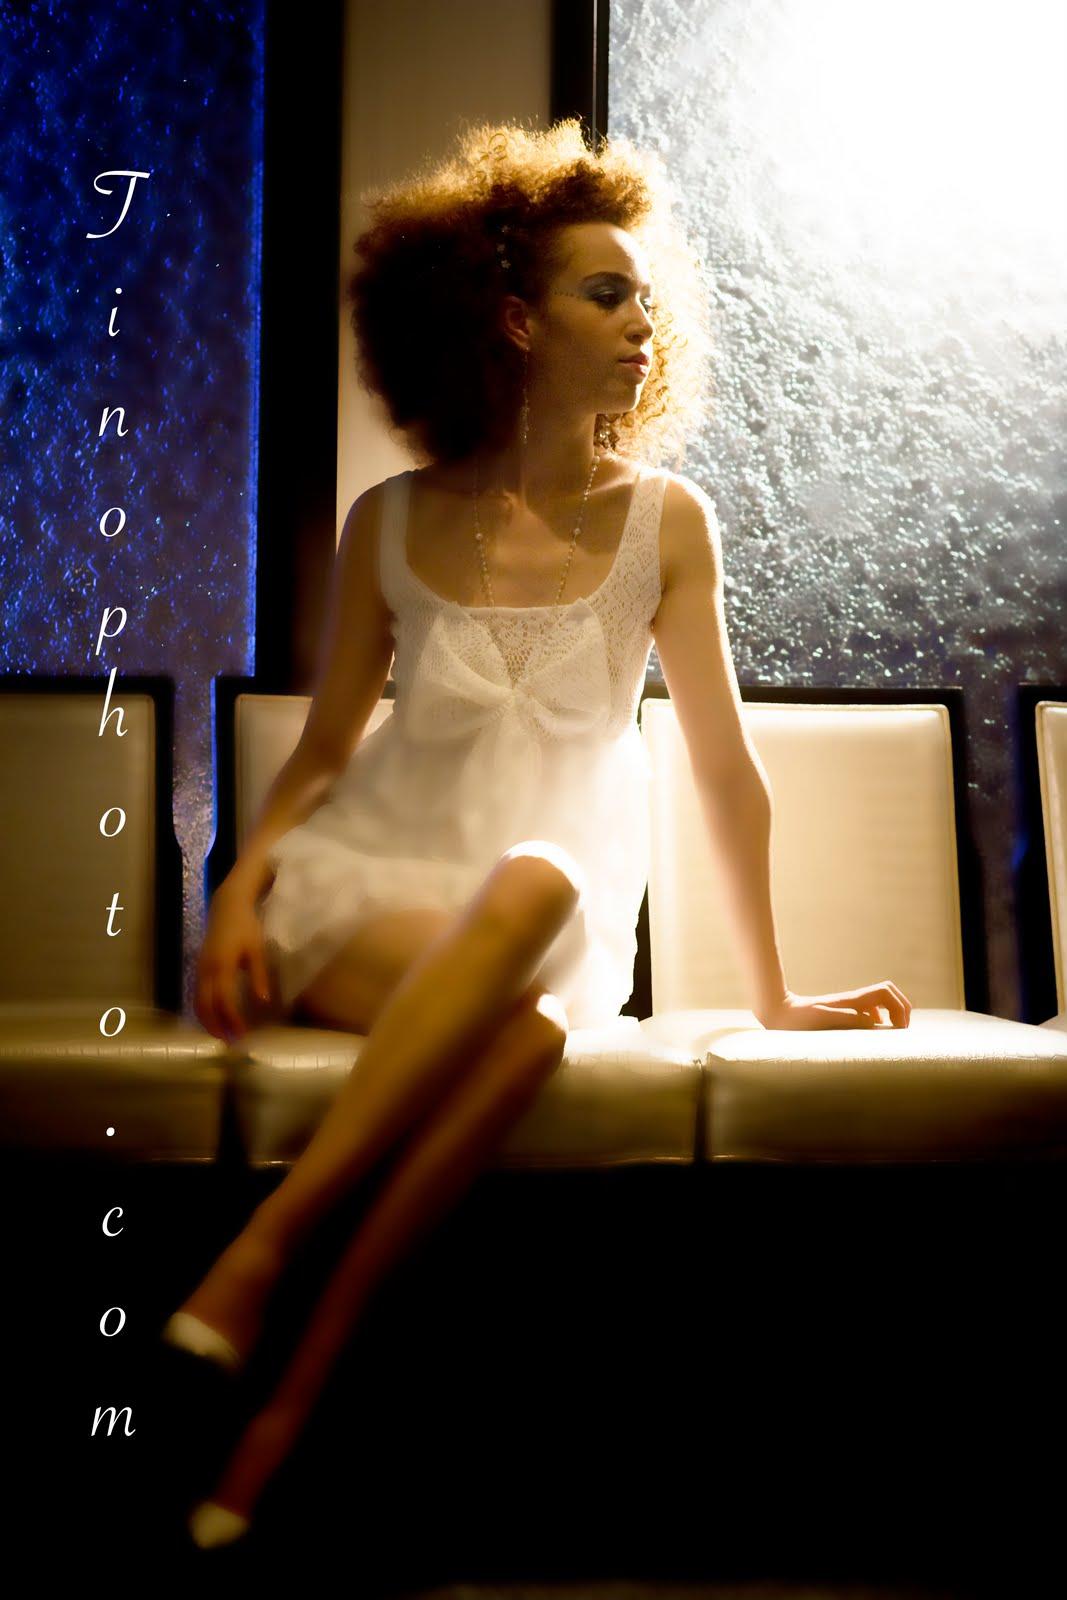 http://2.bp.blogspot.com/_AQOshEXpQ-4/SxC9PoIZlEI/AAAAAAAAAOY/WsLxZYSZp7s/s1600/VT3H9972-2.jpg